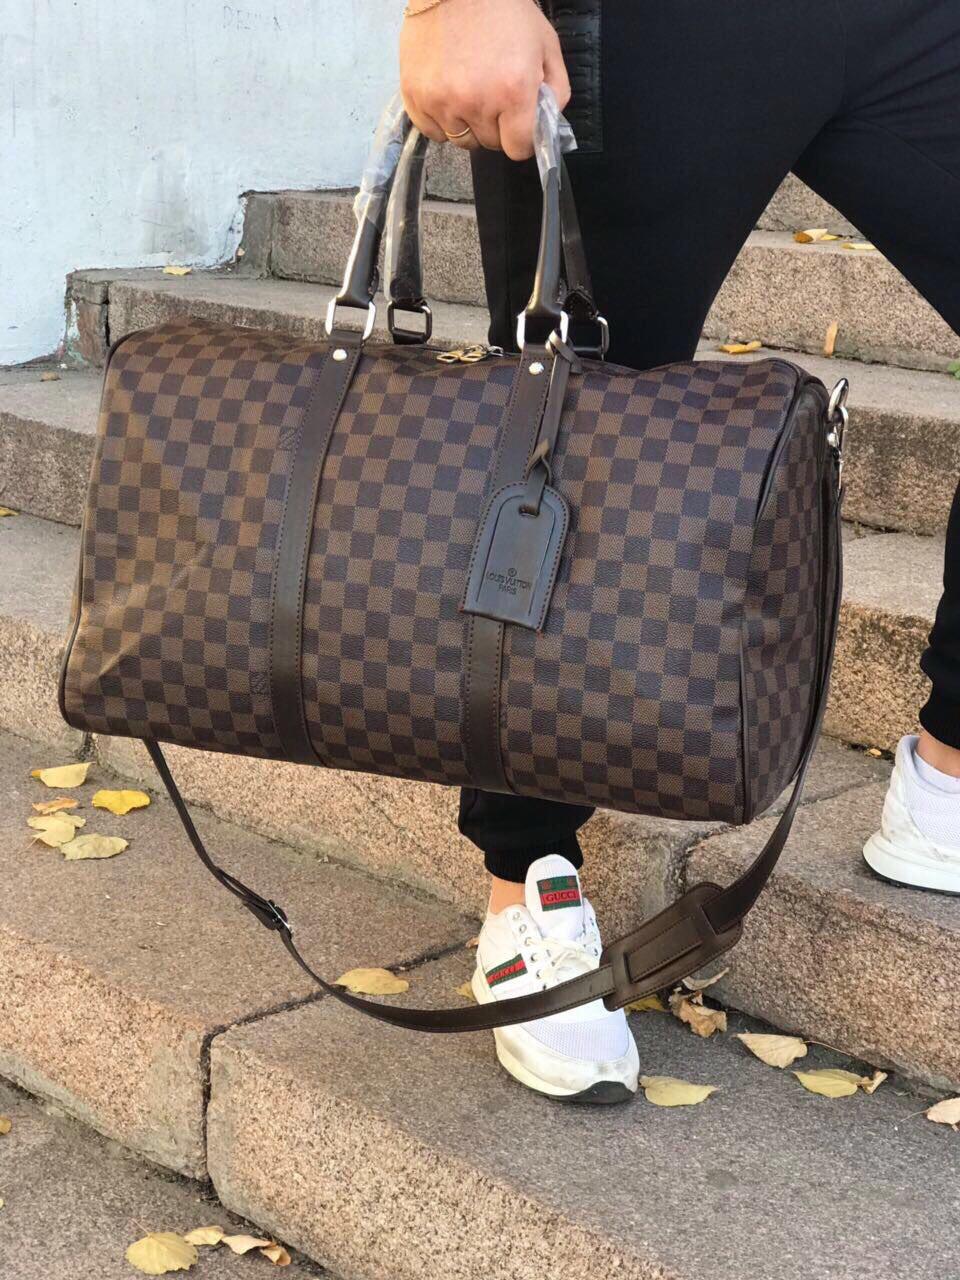 f8d1eec1d9bf Сумка дорожная ручная кладь саквояж спорт для путешествий Louis Vuitton  копия реплика - AMARKET - Интернет